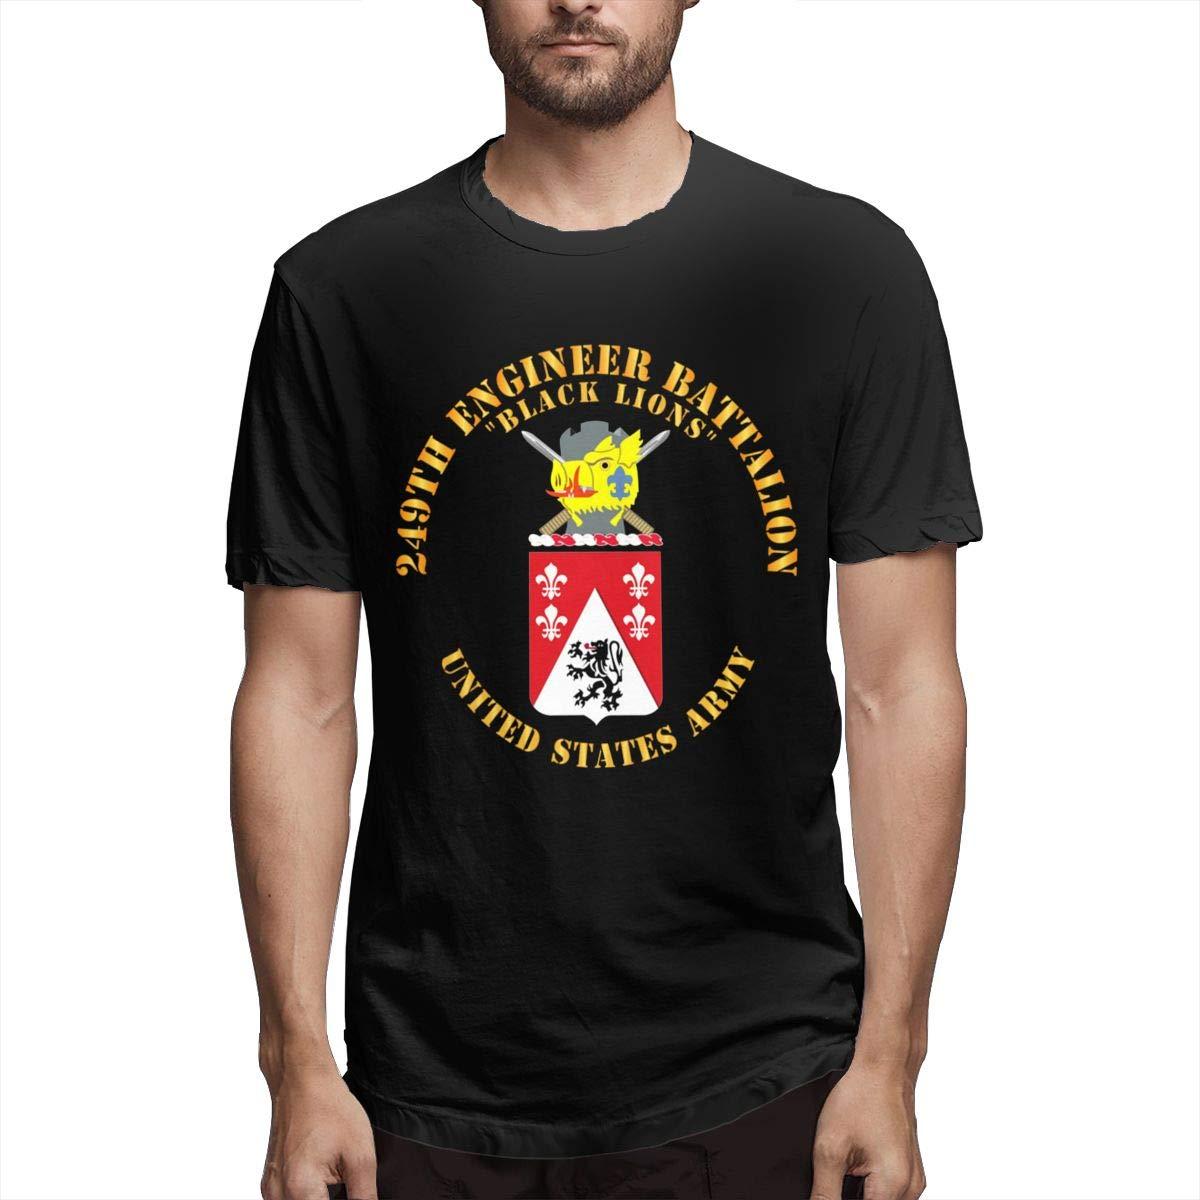 Peak Fashion Trade Coa 249th Engineer Battalion S Short Sleeve Tshirt